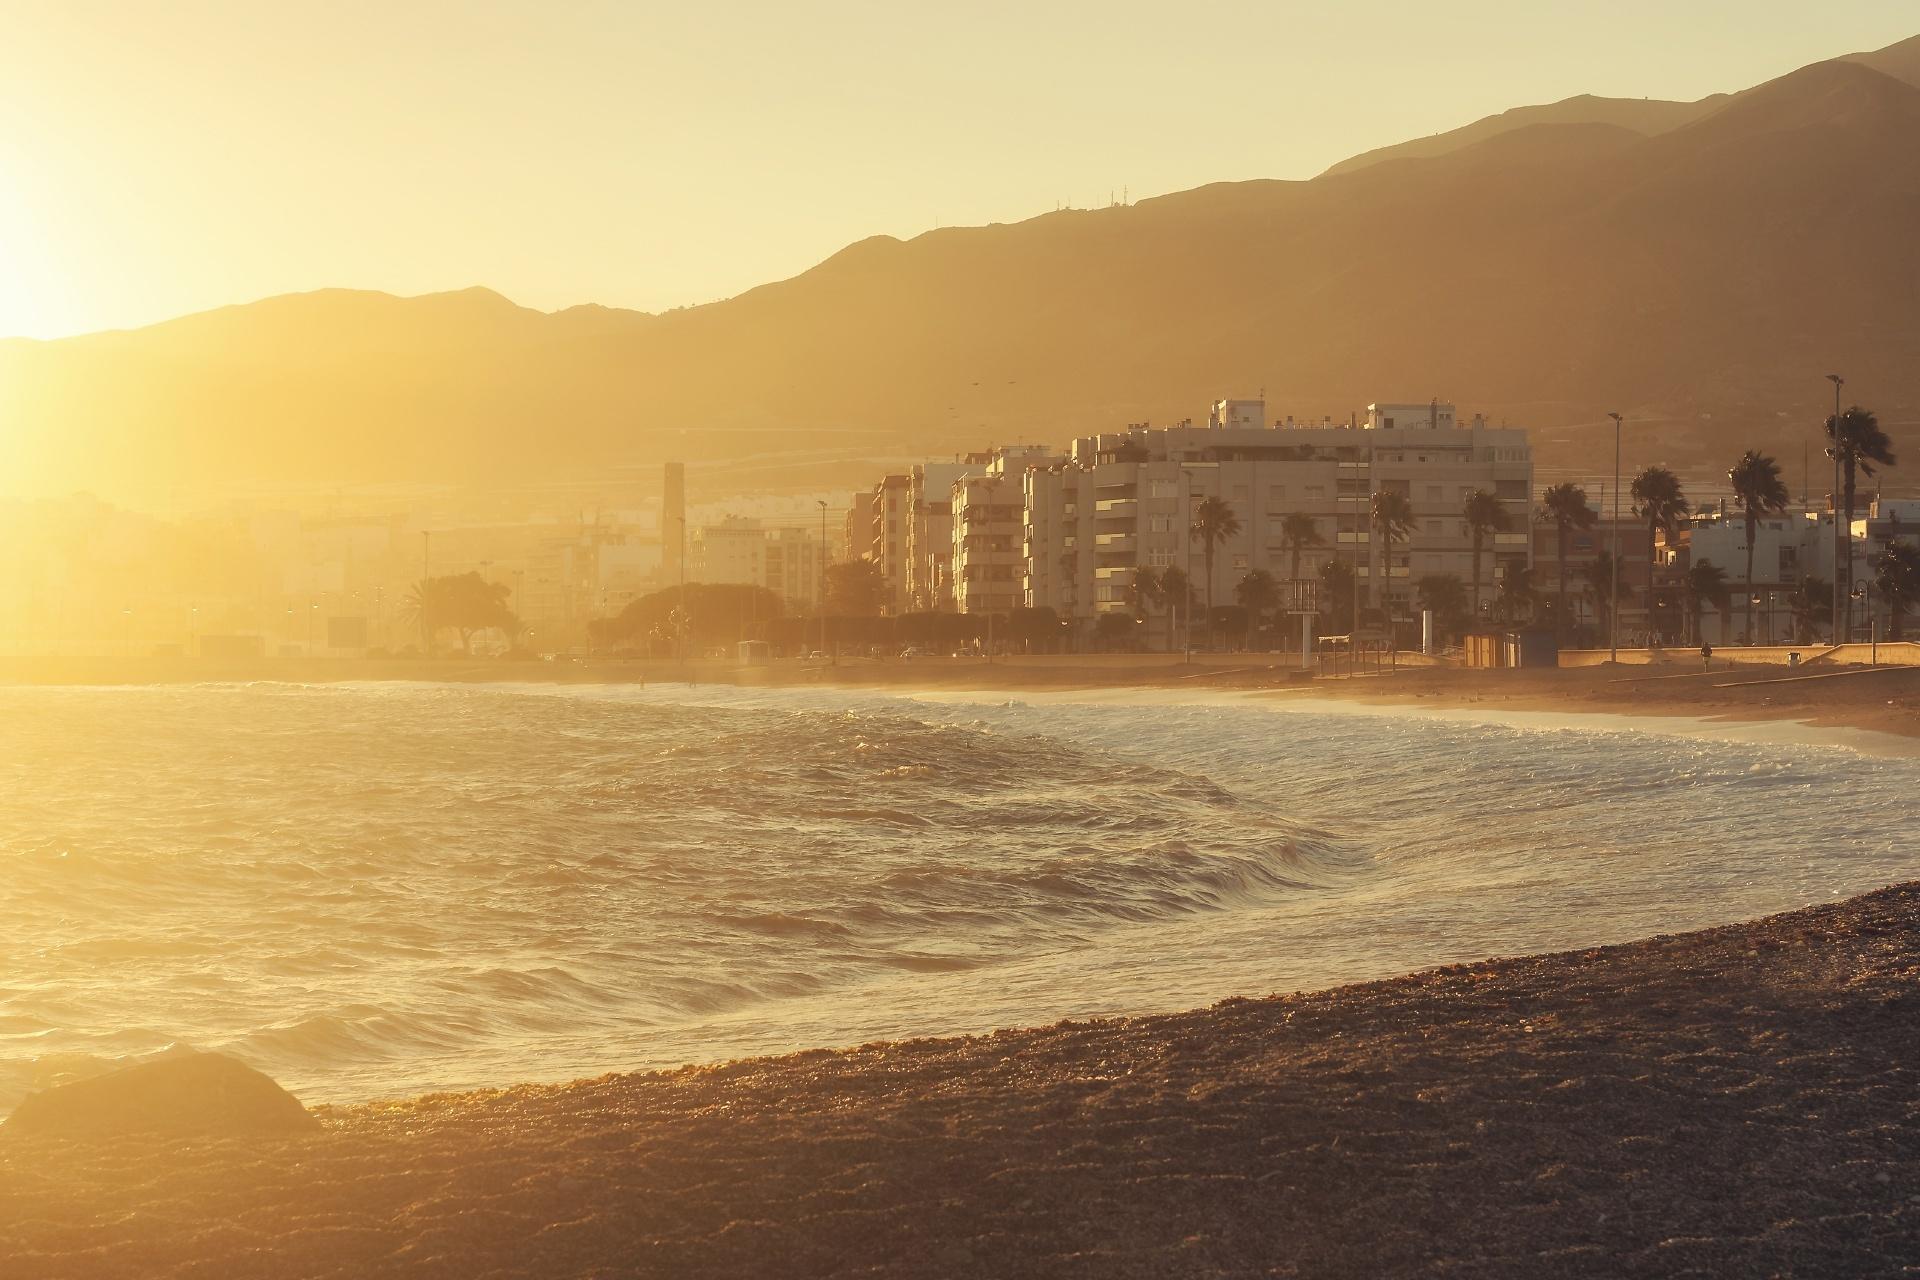 朝のビーチ スペインの風景